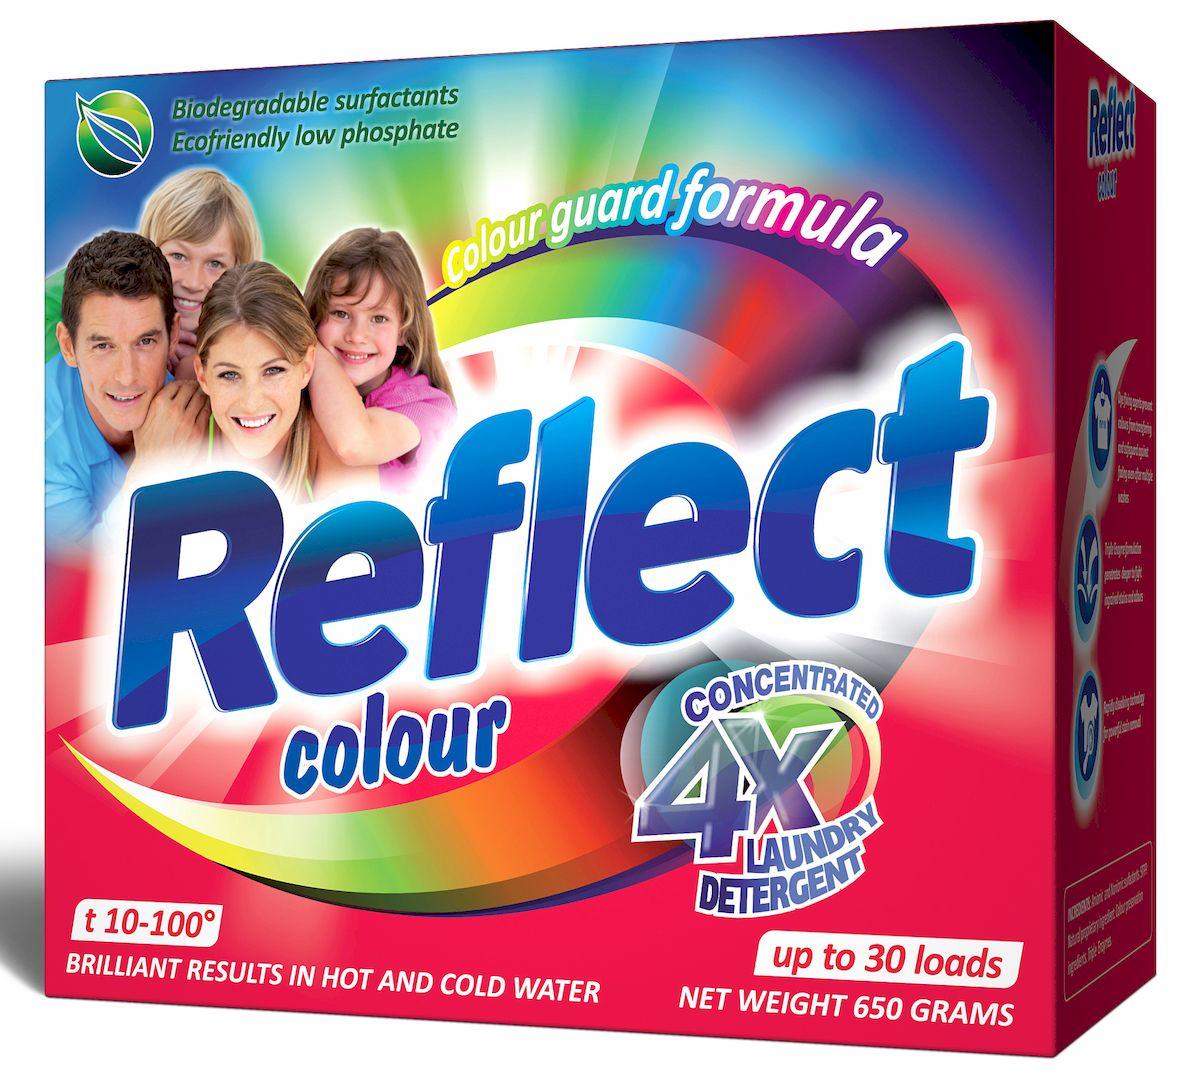 Стиральный порошок Reflect Colour, концентрированный, для цветных и темных тканей, 650 г447Концентрированный стиральный порошок Reflect Color предназначен для стирки цветных и темных тканей. Двойная степень защиты цвета сохраняет все краски цветного и темного белья, защищает от ультрафиолета. Особенности порошка Reflect Color: - обладает высокой моющей способностью в широком диапазоне температур (10°C-100°C), - предупреждает образование накипи на водонагревательном элементе, - удаляет пятна и загрязнения различного происхождения, не повреждая структуру ткани, - в состав входит энзим (антипиллинг), который предотвращает образование ворсистости на ткани, - подходит для всех типов ткани, кроме шерсти и шелка, - универсальный - для машинной и ручной стирки.Товар сертифицирован.